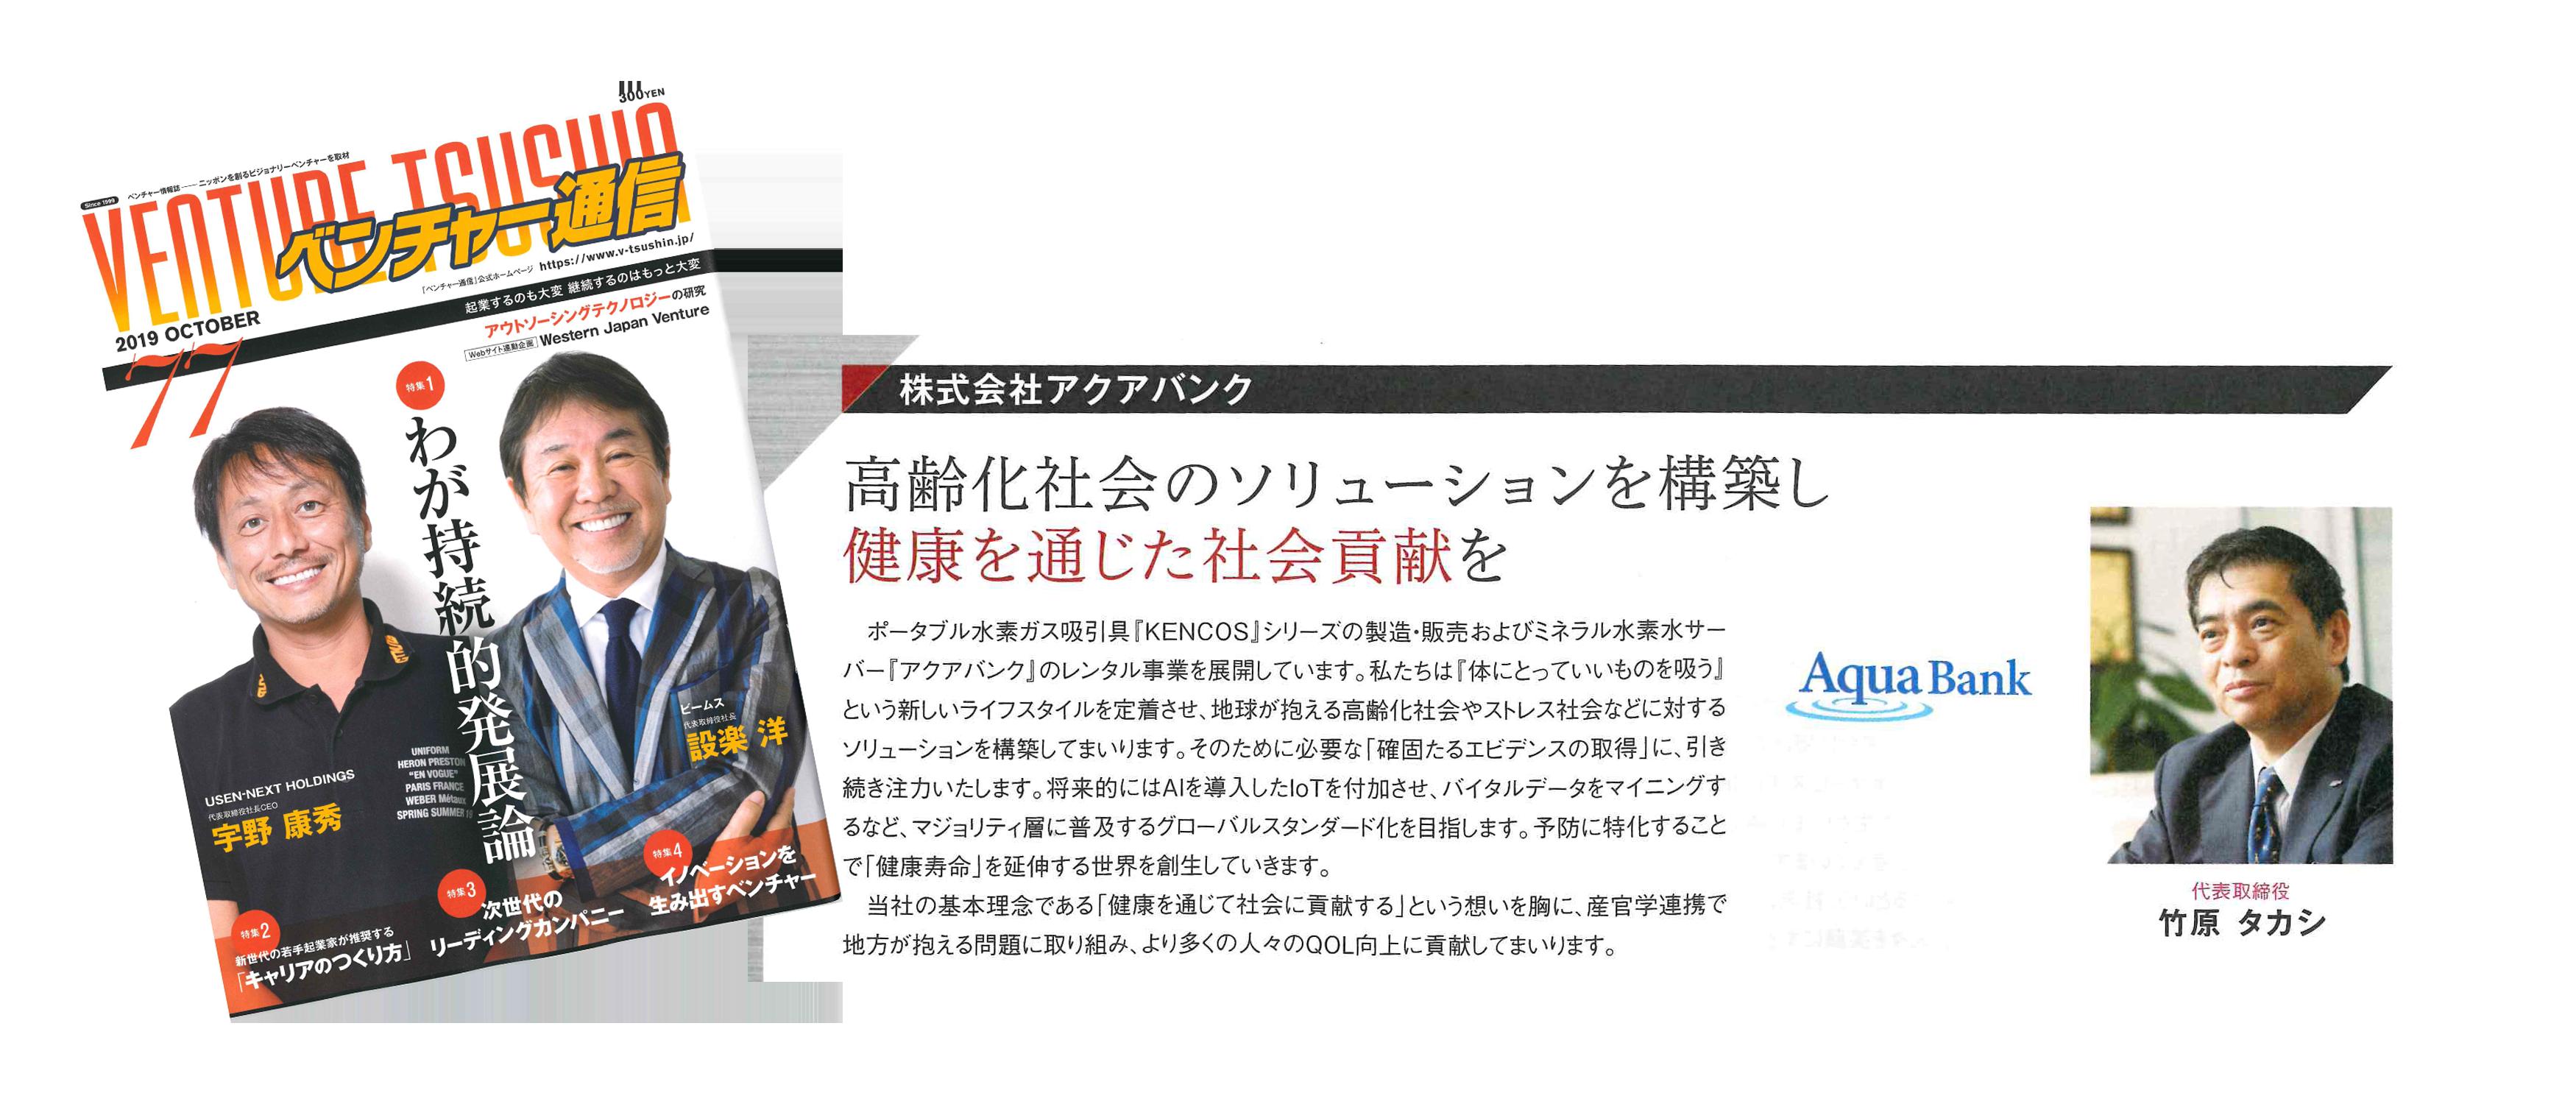 2019年10月1日(火)発行『ベンチャー通信77号(2019年10月号)』より抜粋